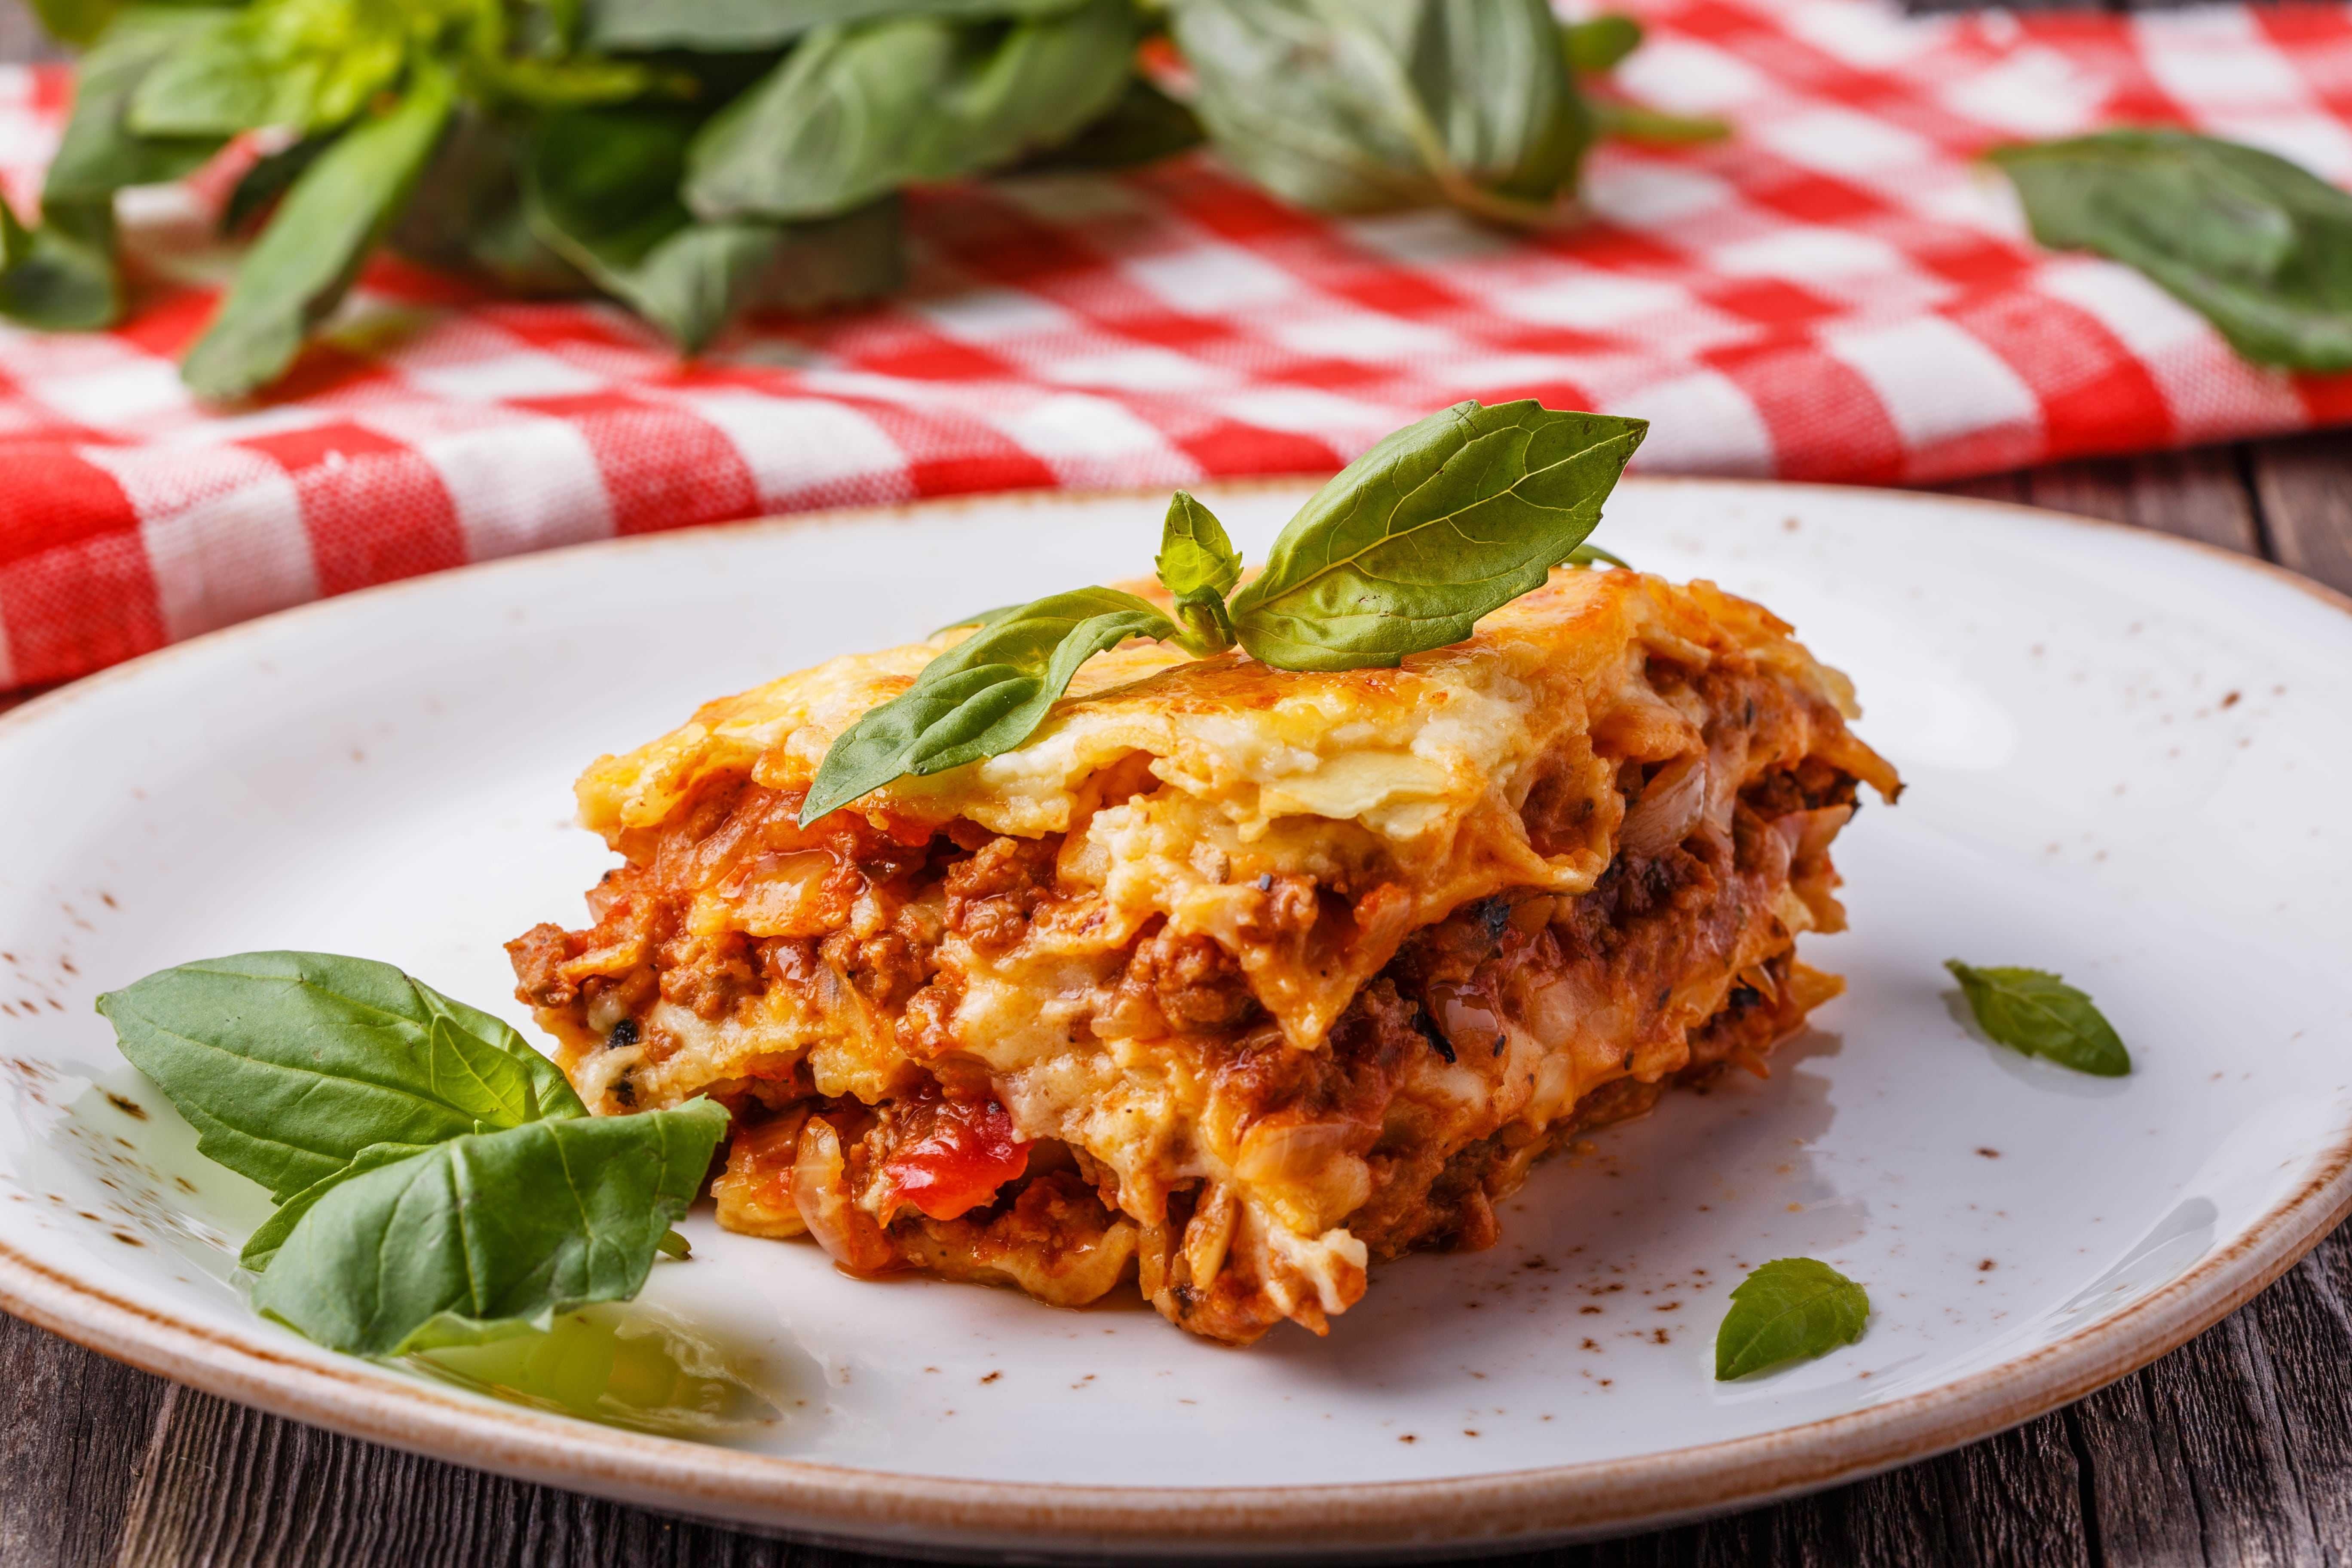 79df0941b18c0c9155608279b0943ce5 - Ricette Lasagne